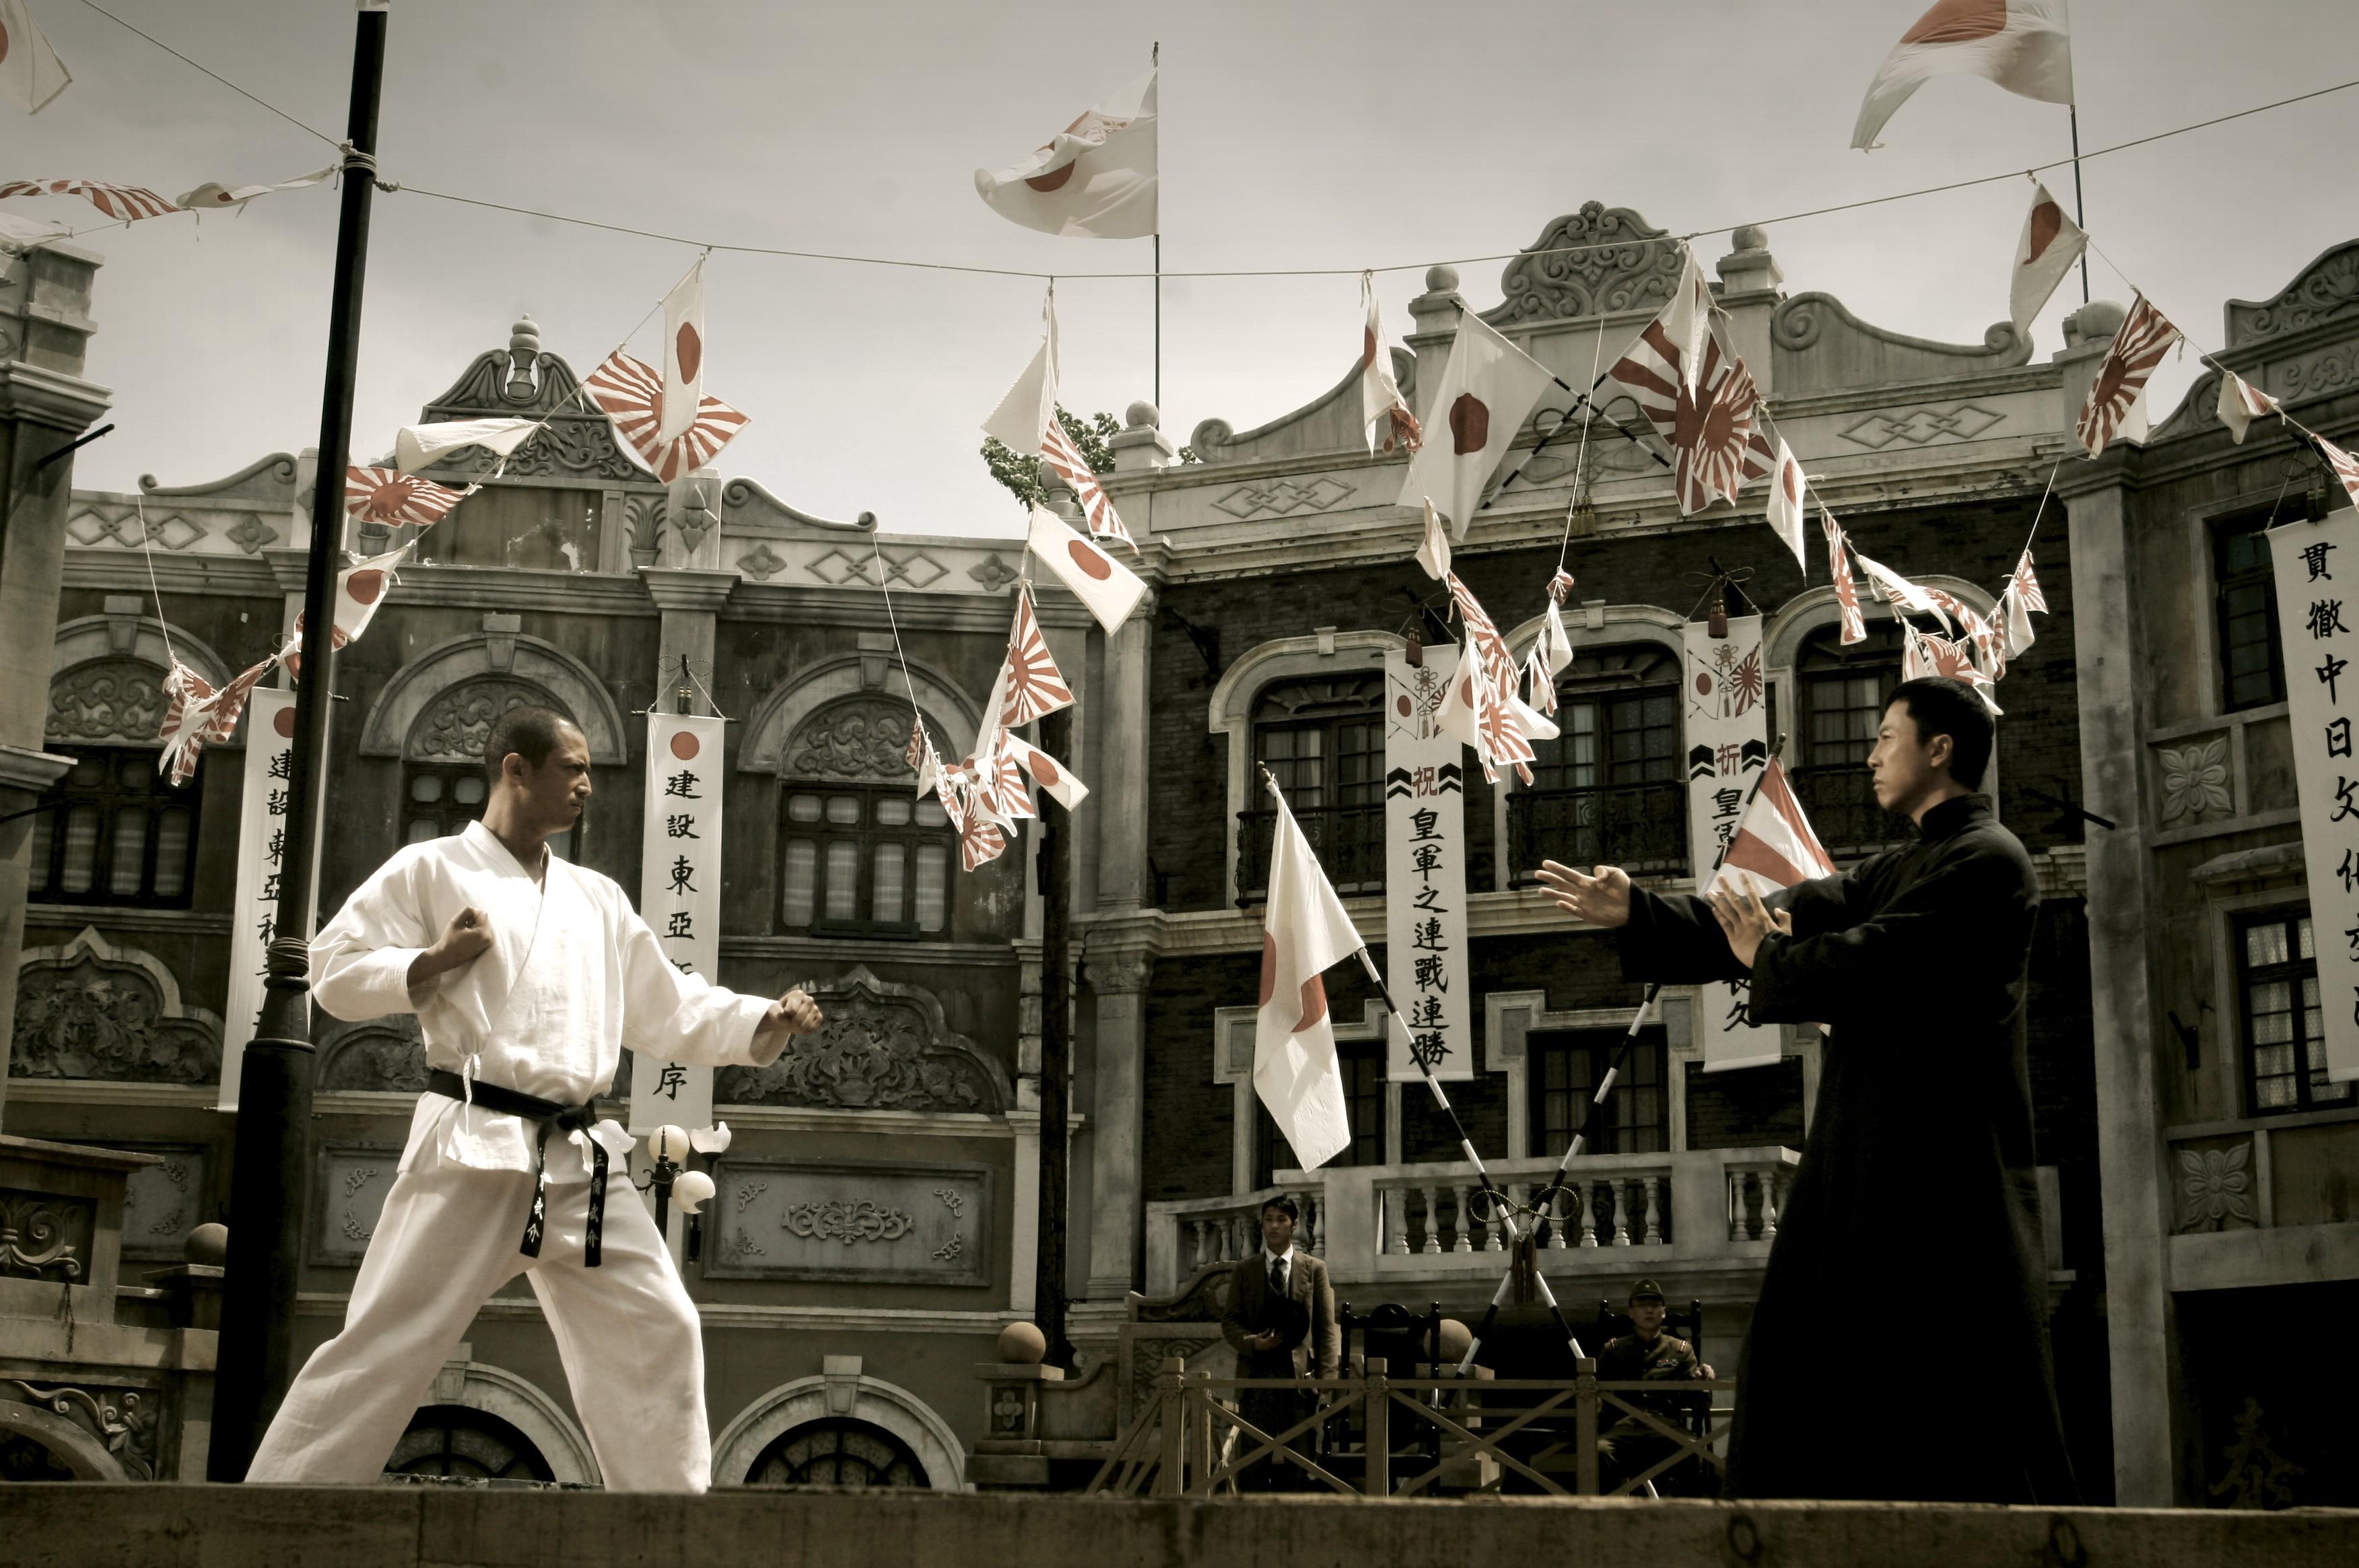 Wallpaper del film Ip Man, Presentato in concorso al Far East Film 2009 nella sezione 'Hong Kong'.